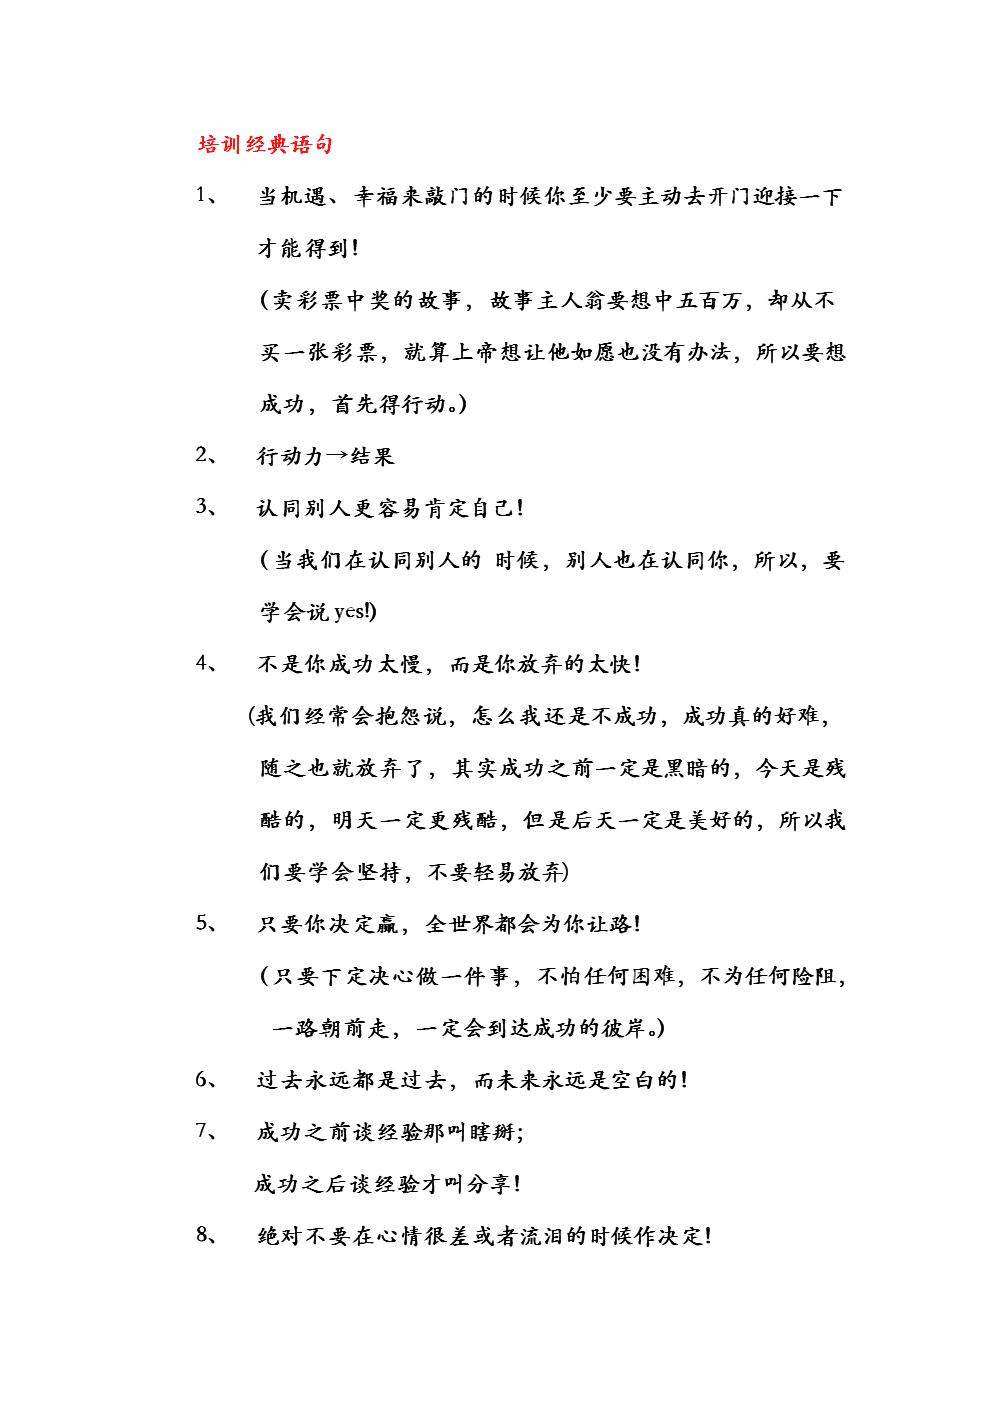 培训经典语句, LOGO语言基本命令.doc